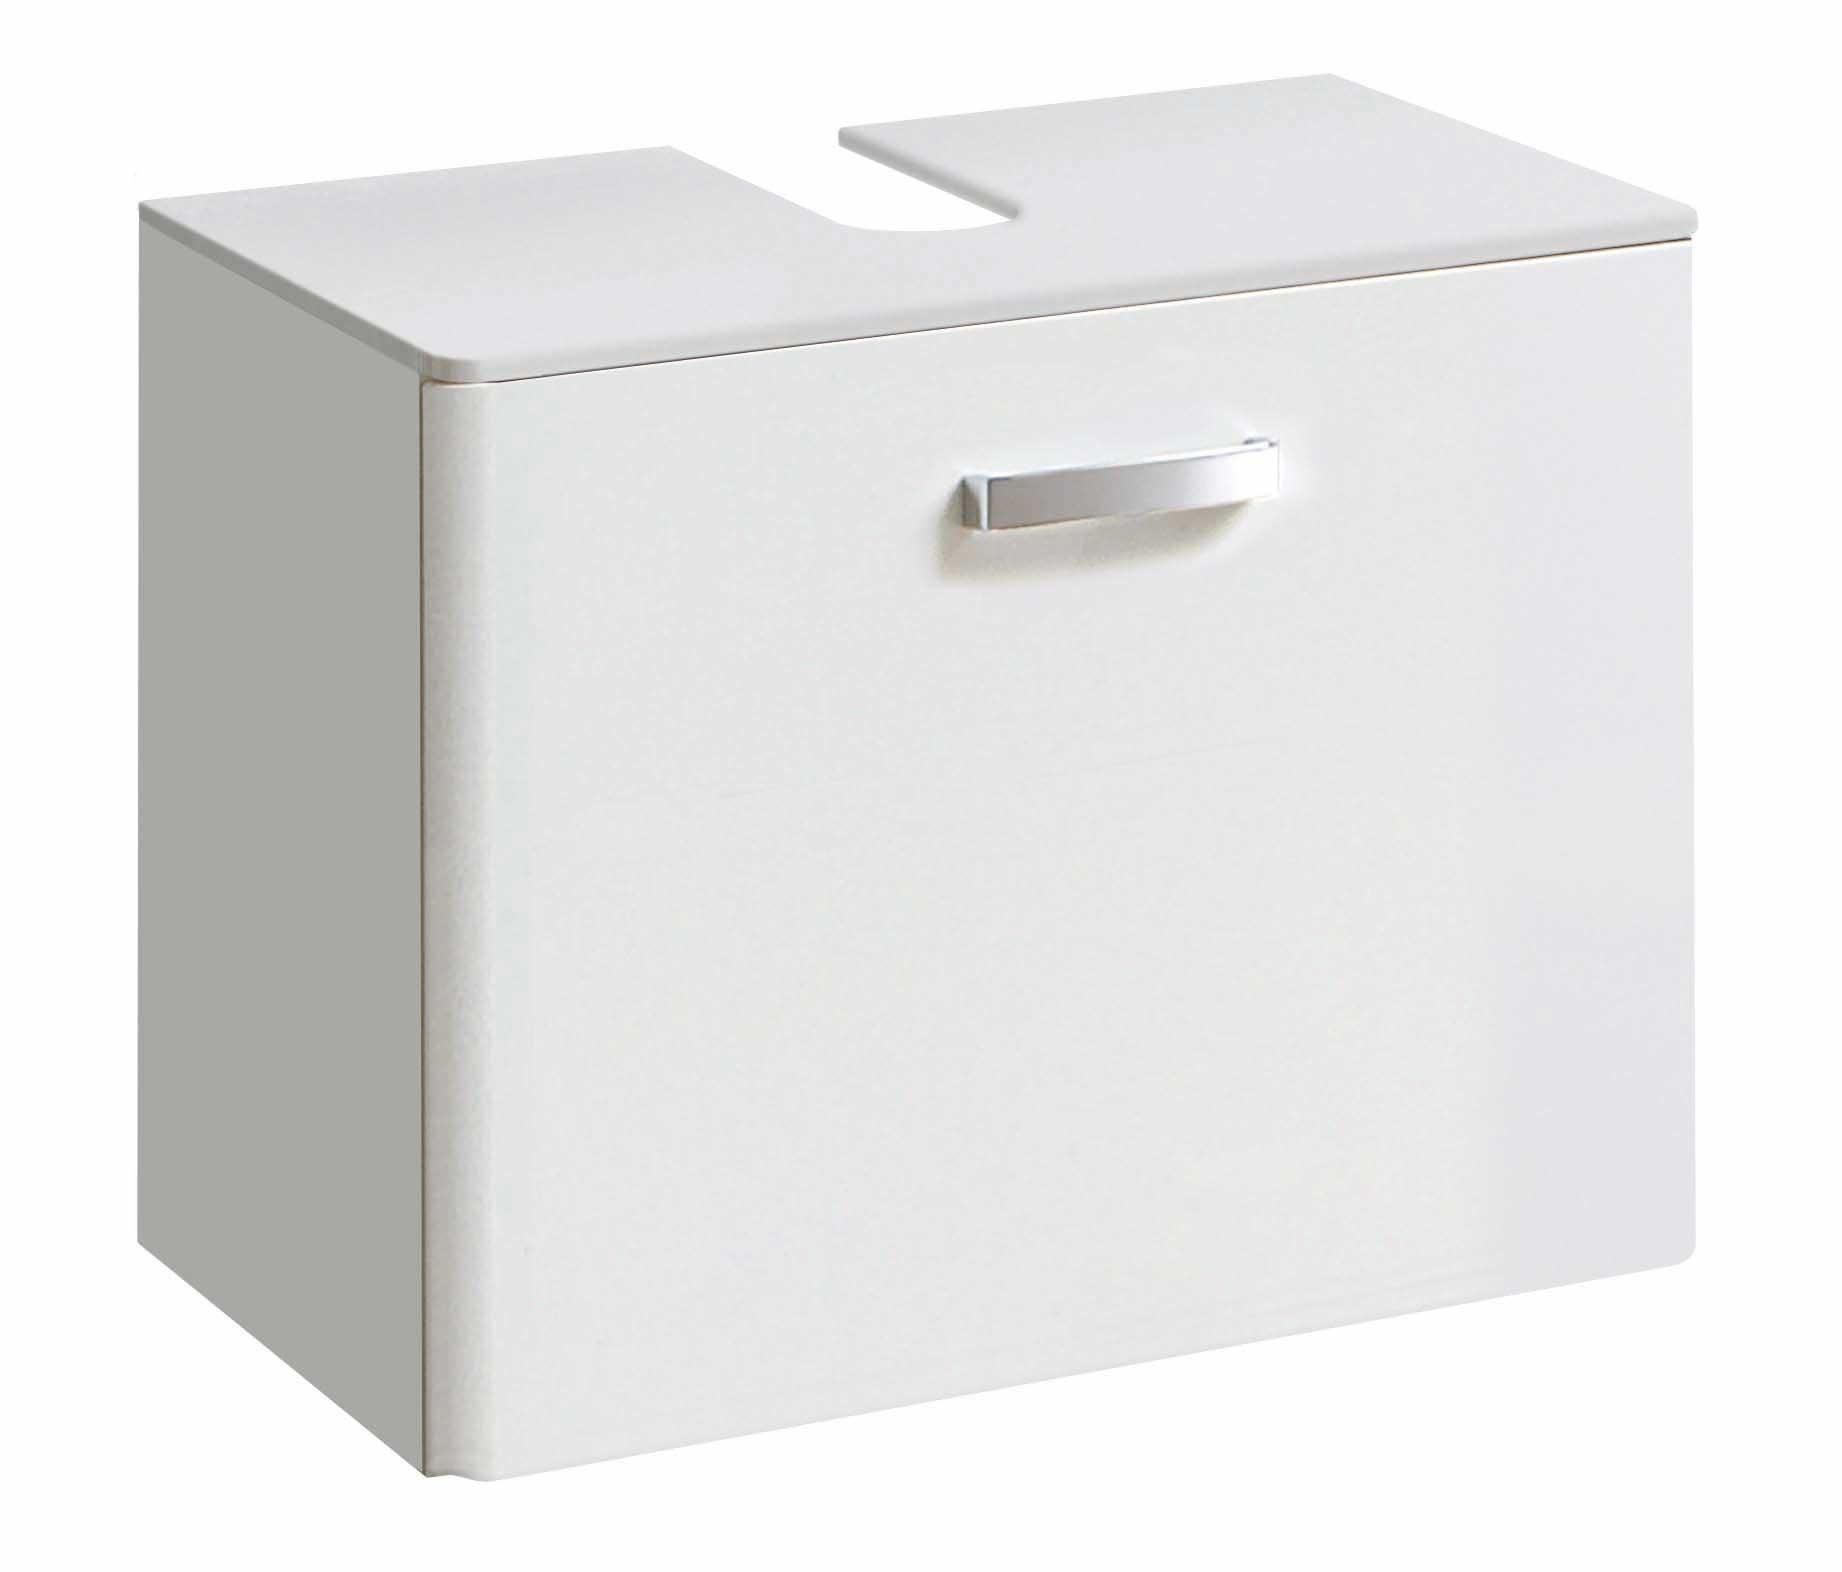 kastje voor wastafel Phoenix 60cm wit